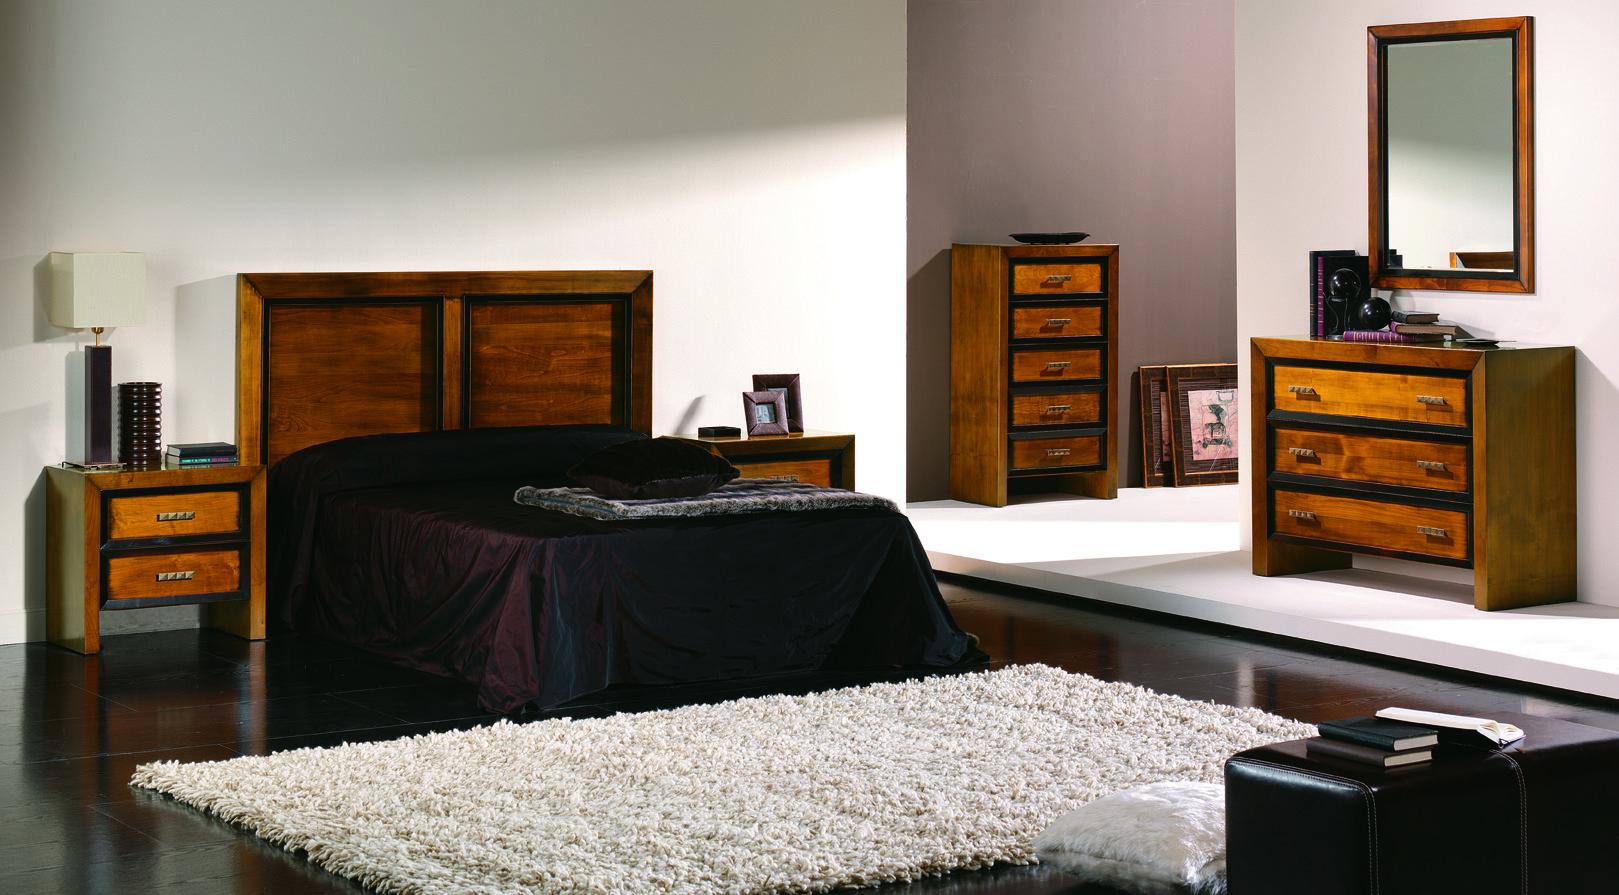 Dormitorio clasico contemporaneo modelo japon en madera for Muebles de dormitorio contemporaneo